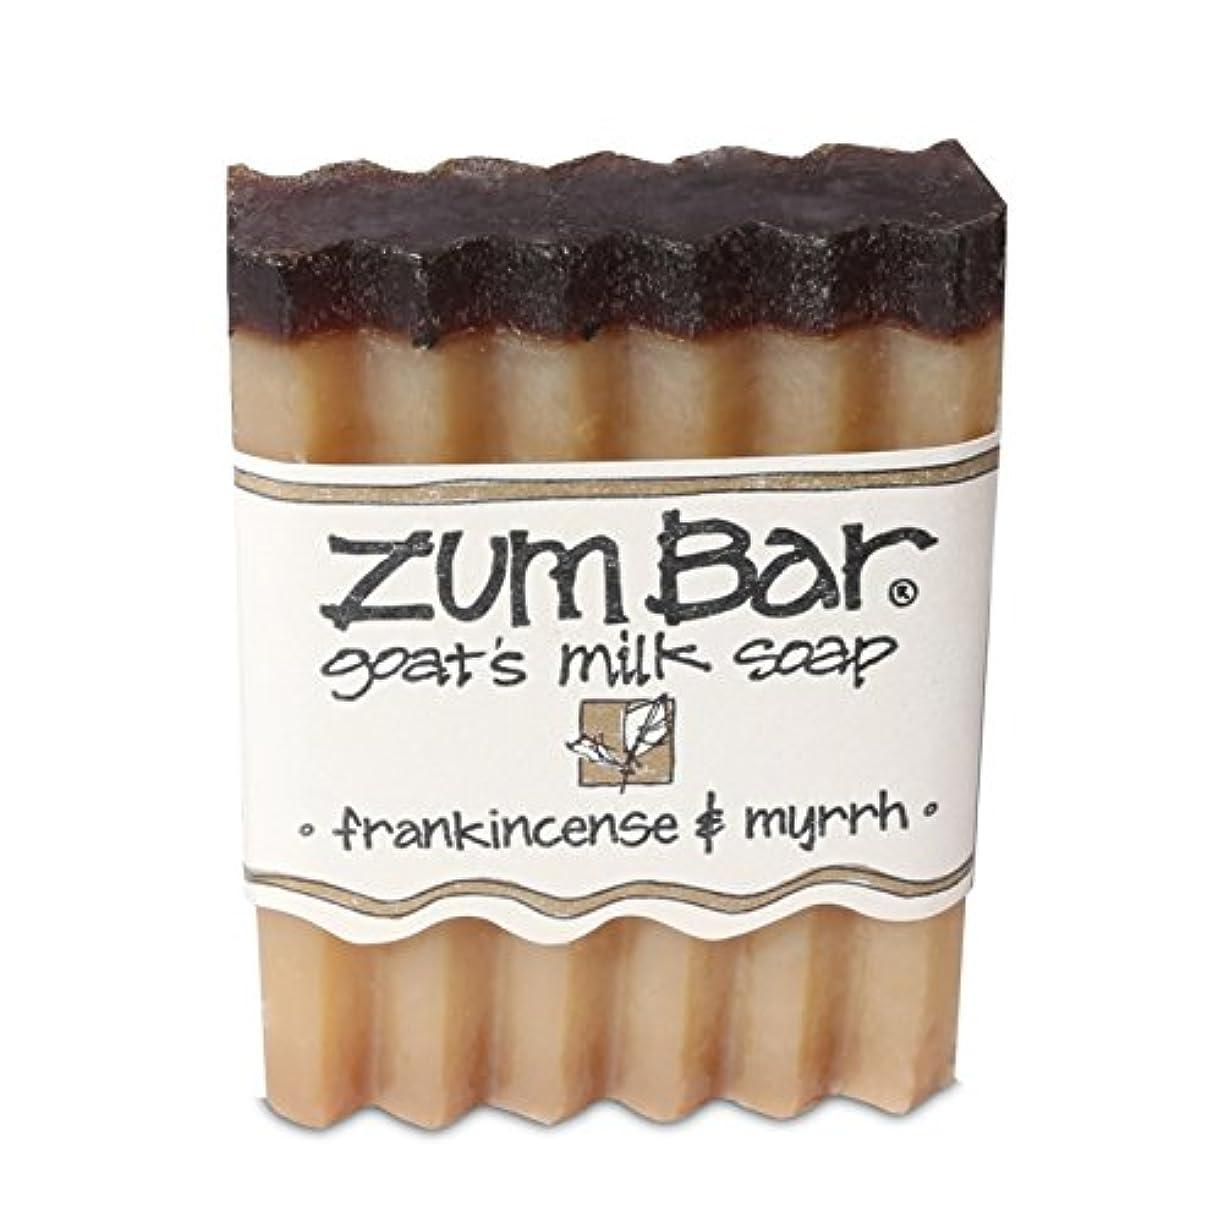 半島ガイドライン裕福な海外直送品 Indigo Wild, Zum Bar, Goat's ミルク ソープ フランキンセンス&ミルラ, 3 Ounces (2個セット) (Frankincense & Myrrh) [並行輸入品]